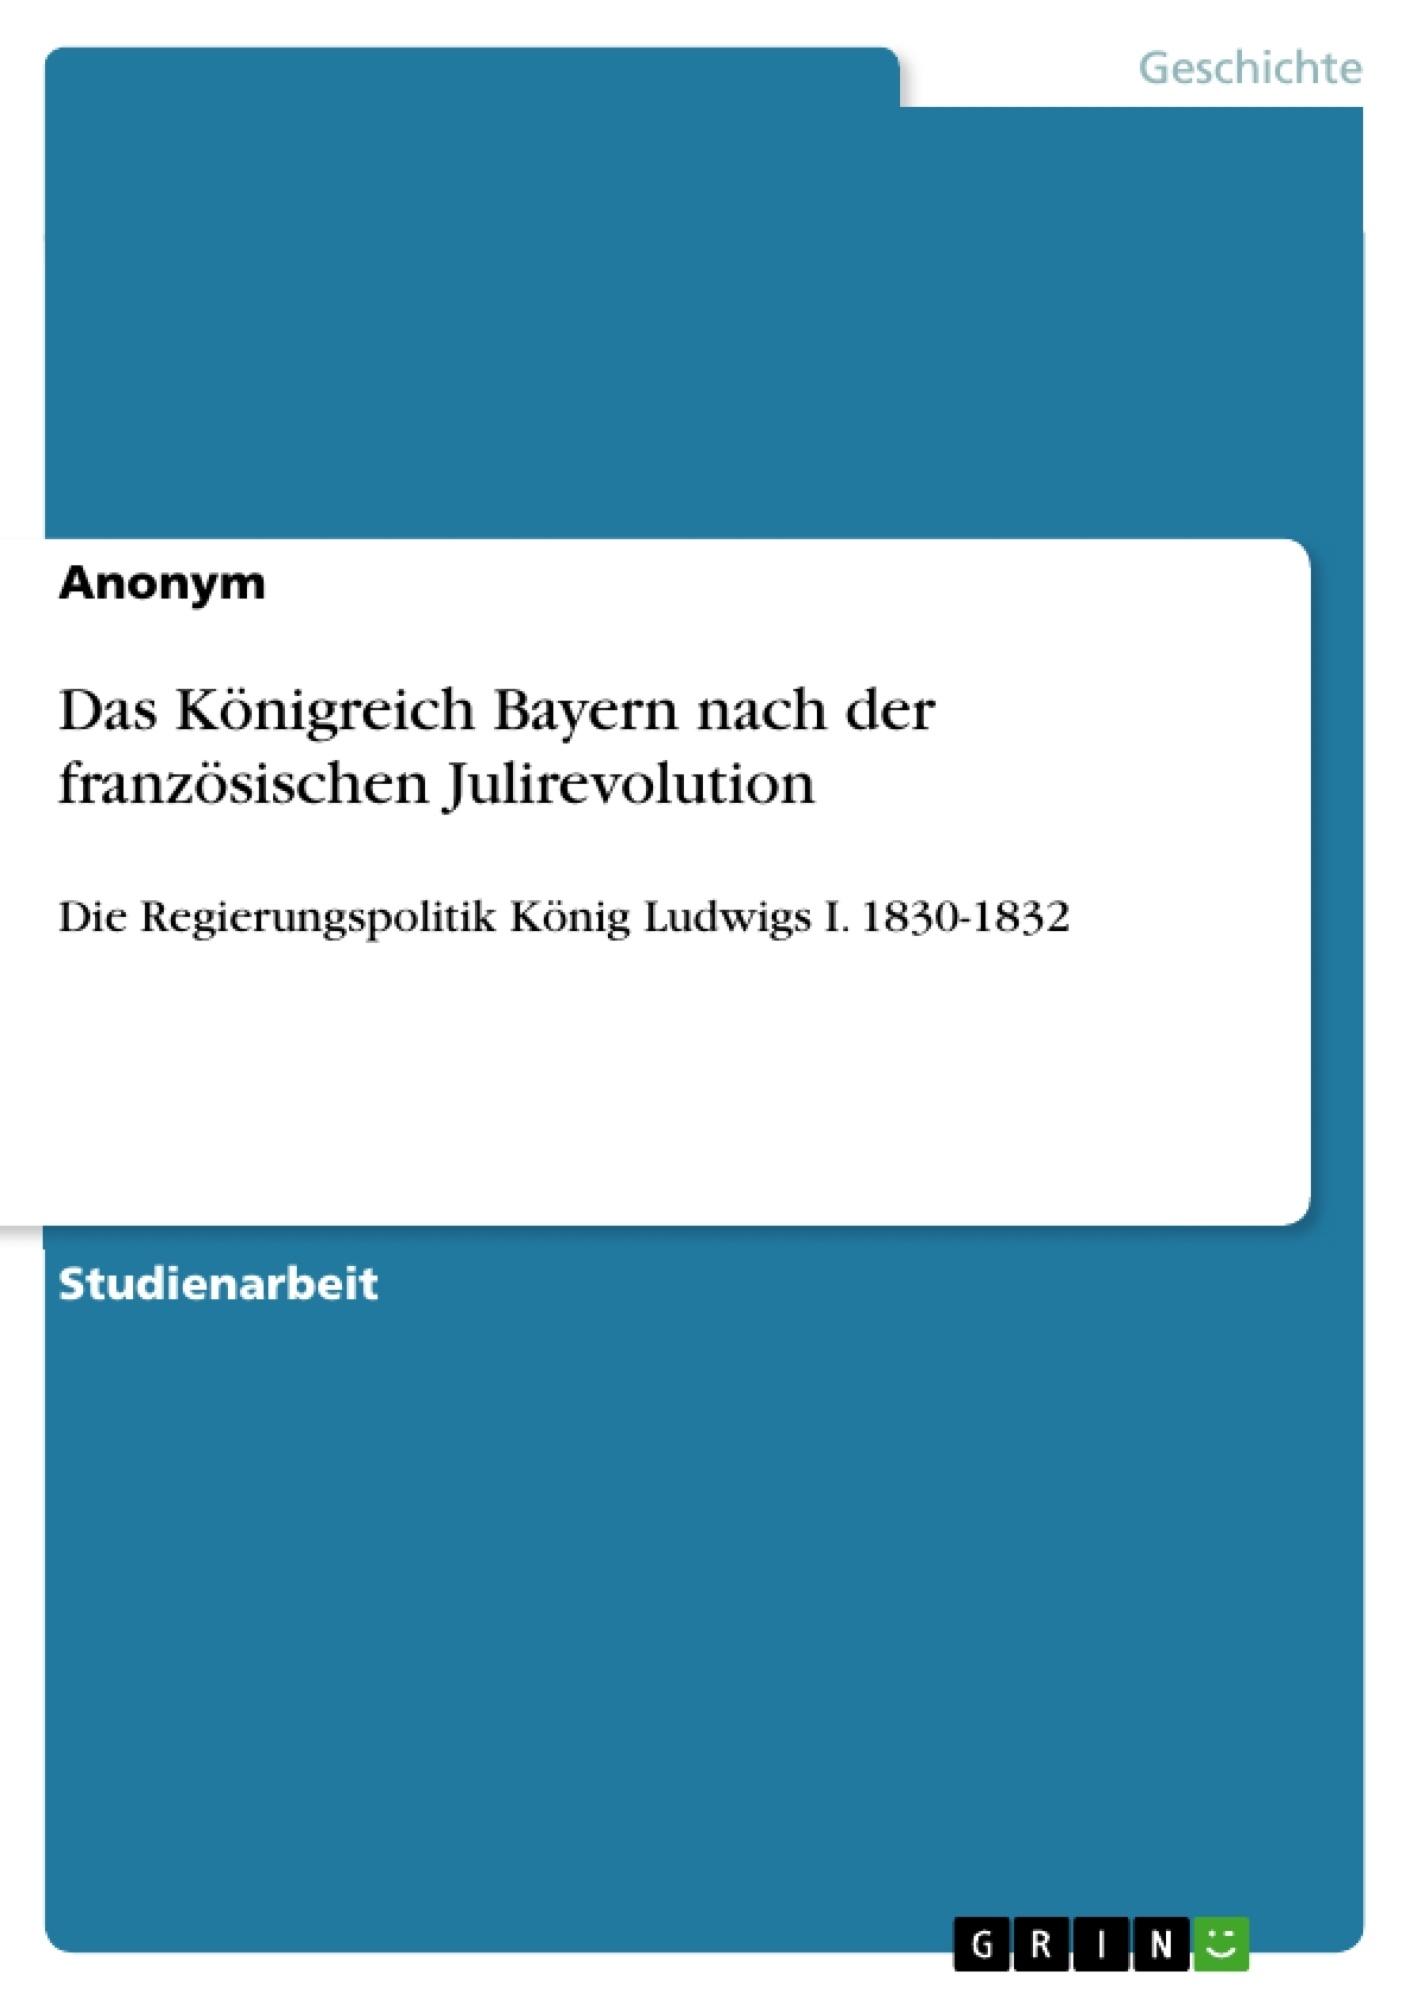 Titel: Das Königreich Bayern nach der französischen Julirevolution